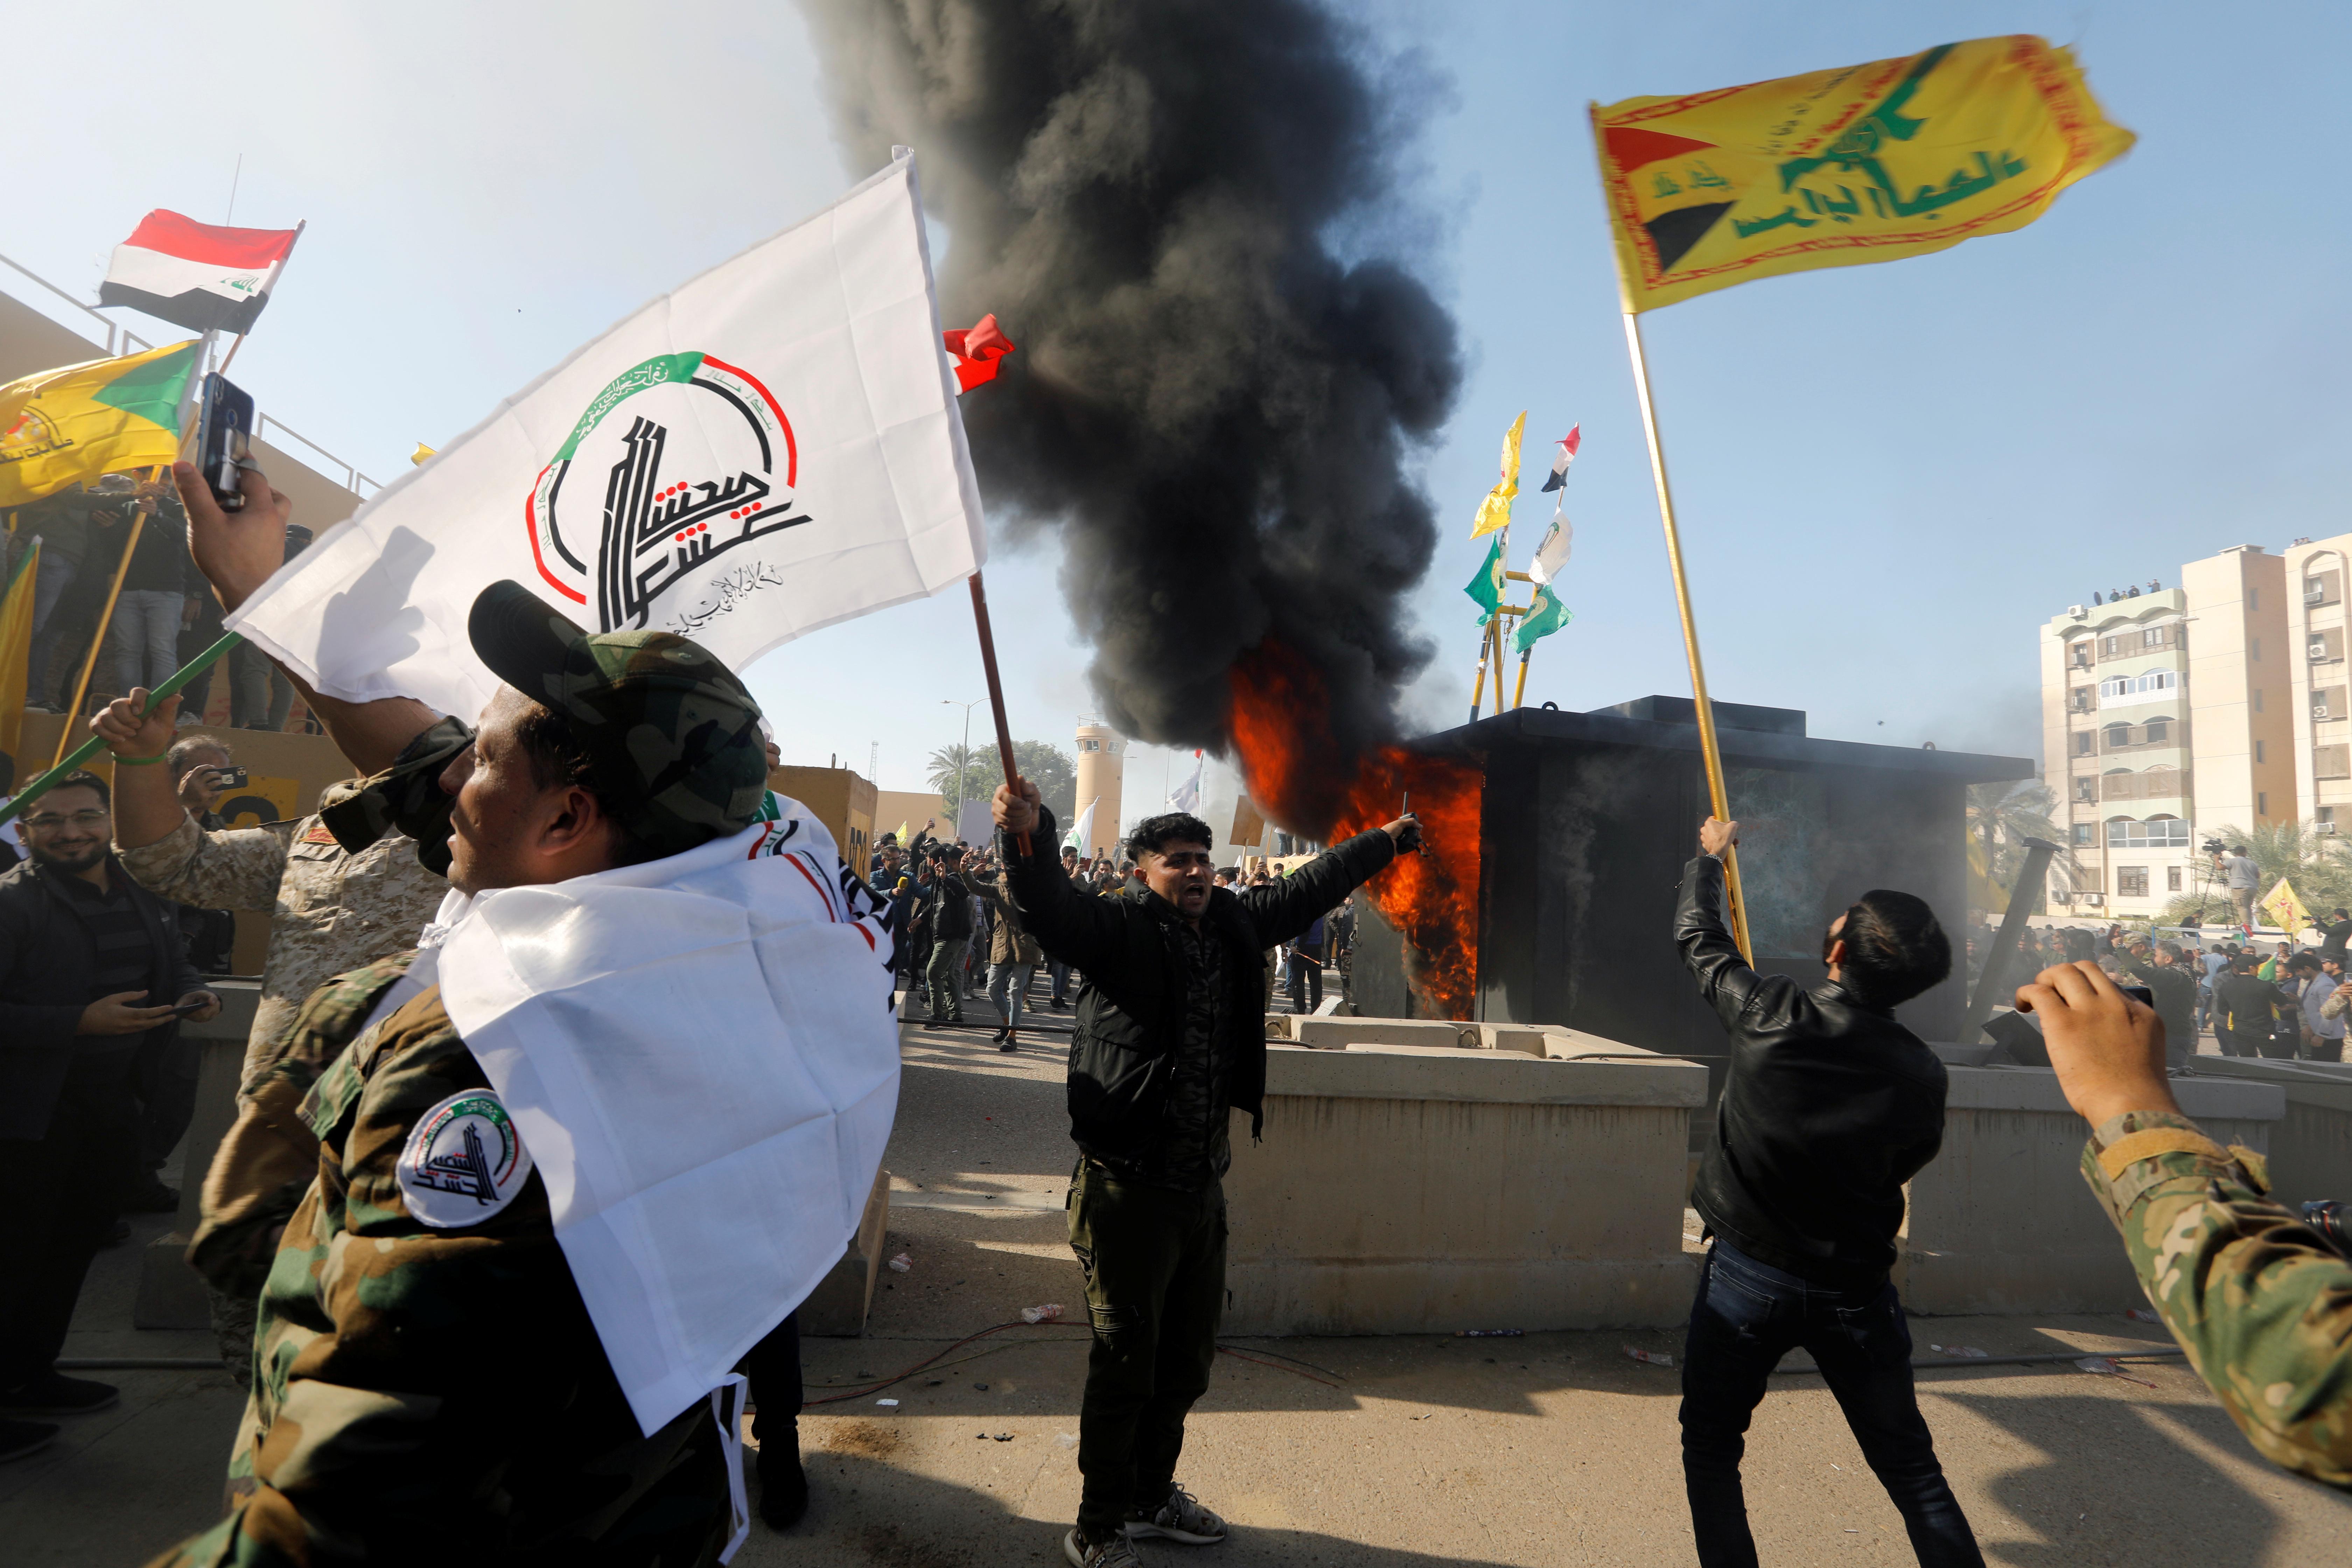 Los milicianos enarbolan banderas de Hezbollah y las milicias proiraníes frente a la embajada de EEUU